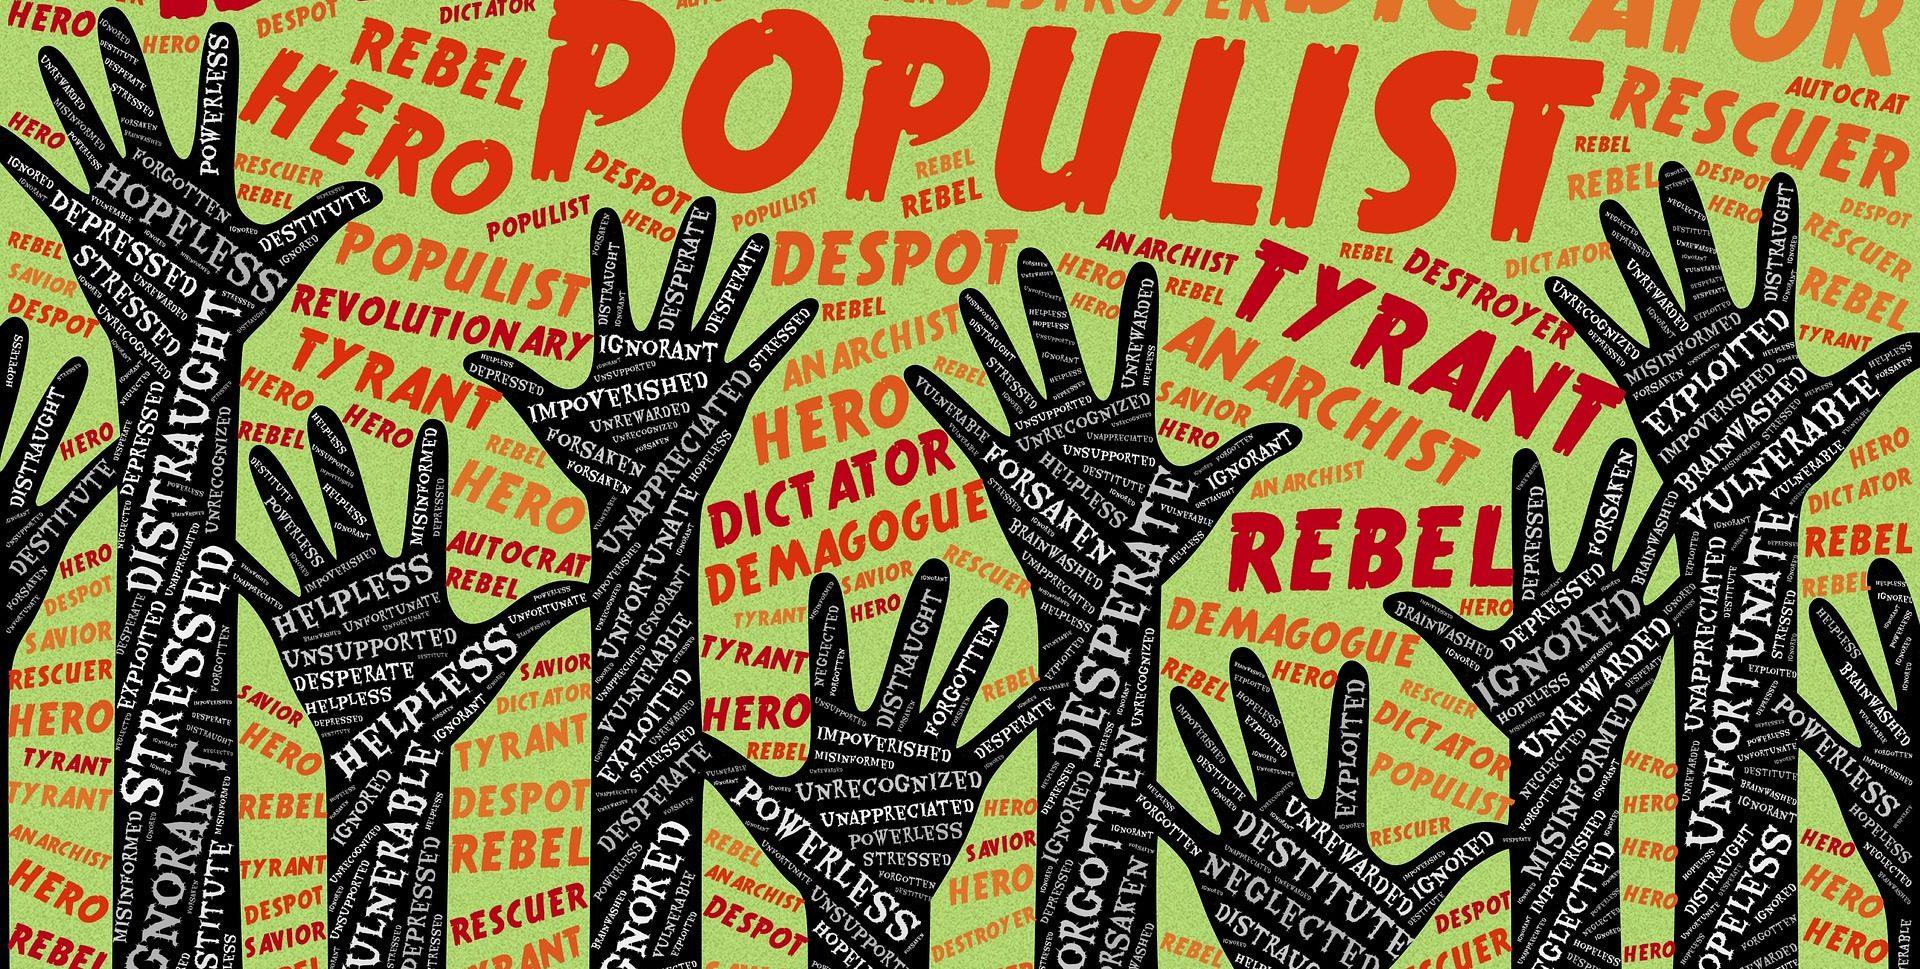 Ο Ηλίας Καραβόλιας επιχειρεί να εξηγήσει γιατί τελικά ο λαϊκισμός γοητεύει το ασυνείδητο της πολιτικής. Και πως ένας πολιτικός, αργά ή γρήγορα, παρά τις καλές του προθέσεις, γίνεται ο λαϊκιστής που ποτέ δεν θα ήθελε να γίνει και που πάντα αντιπαθούσε. new deal